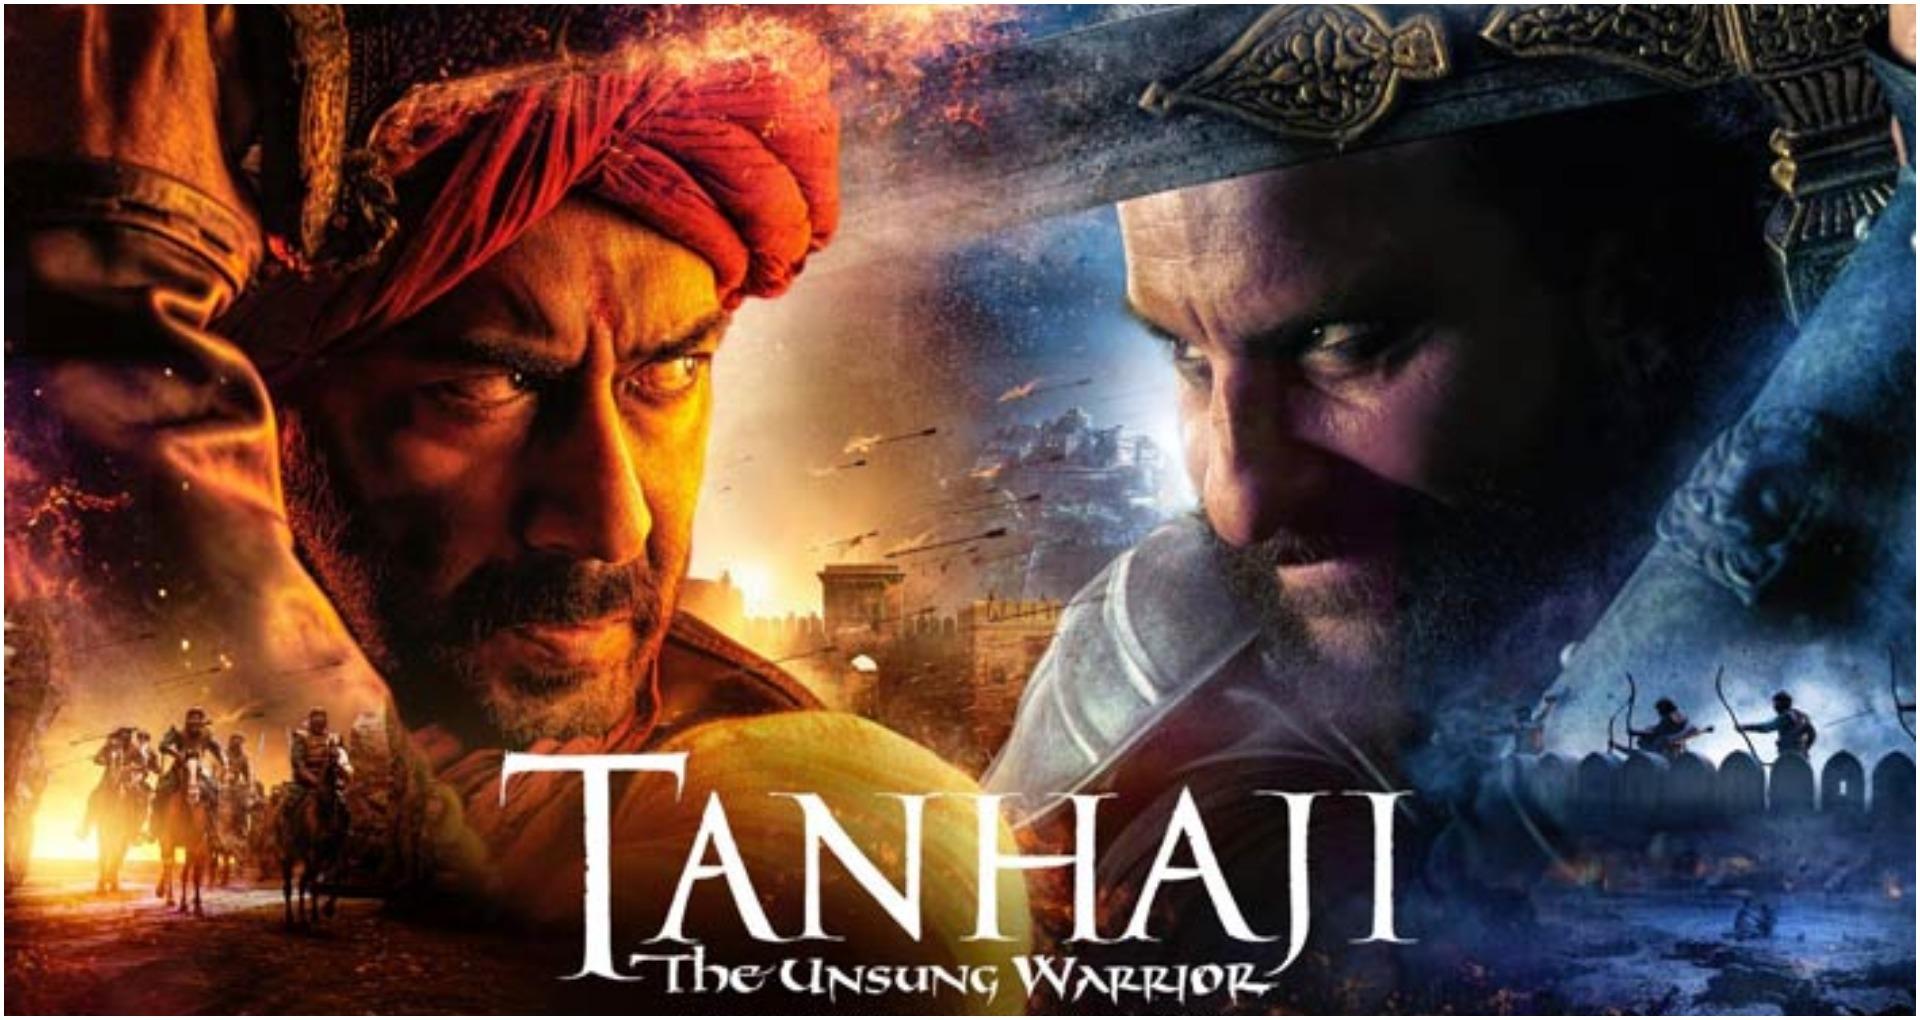 Tanhaji Box Office Collection Day 32: अजय देवगन की फिल्म ताना जी अभी भी बॉक्स ऑफिस पर मचा रही है धमाल